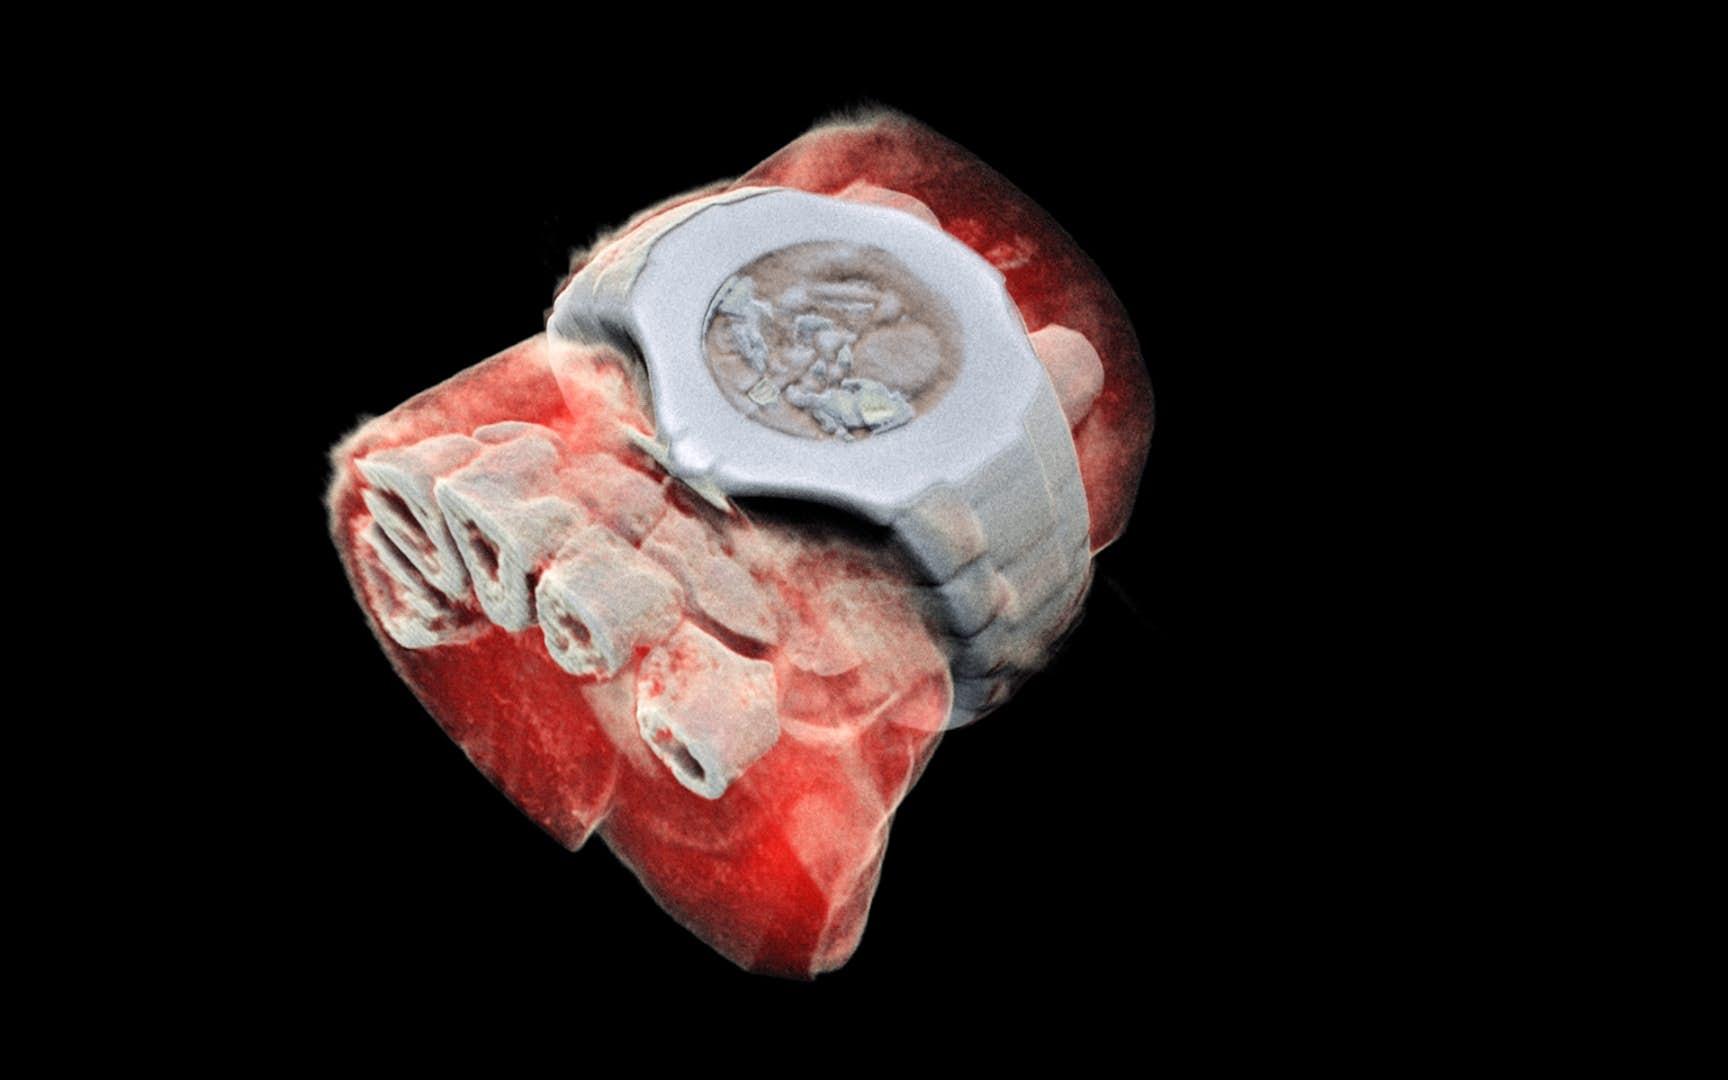 Jeden zprvních barevných 3D rentgenových snímků člověka. Kredit: Mars Bioimaging.